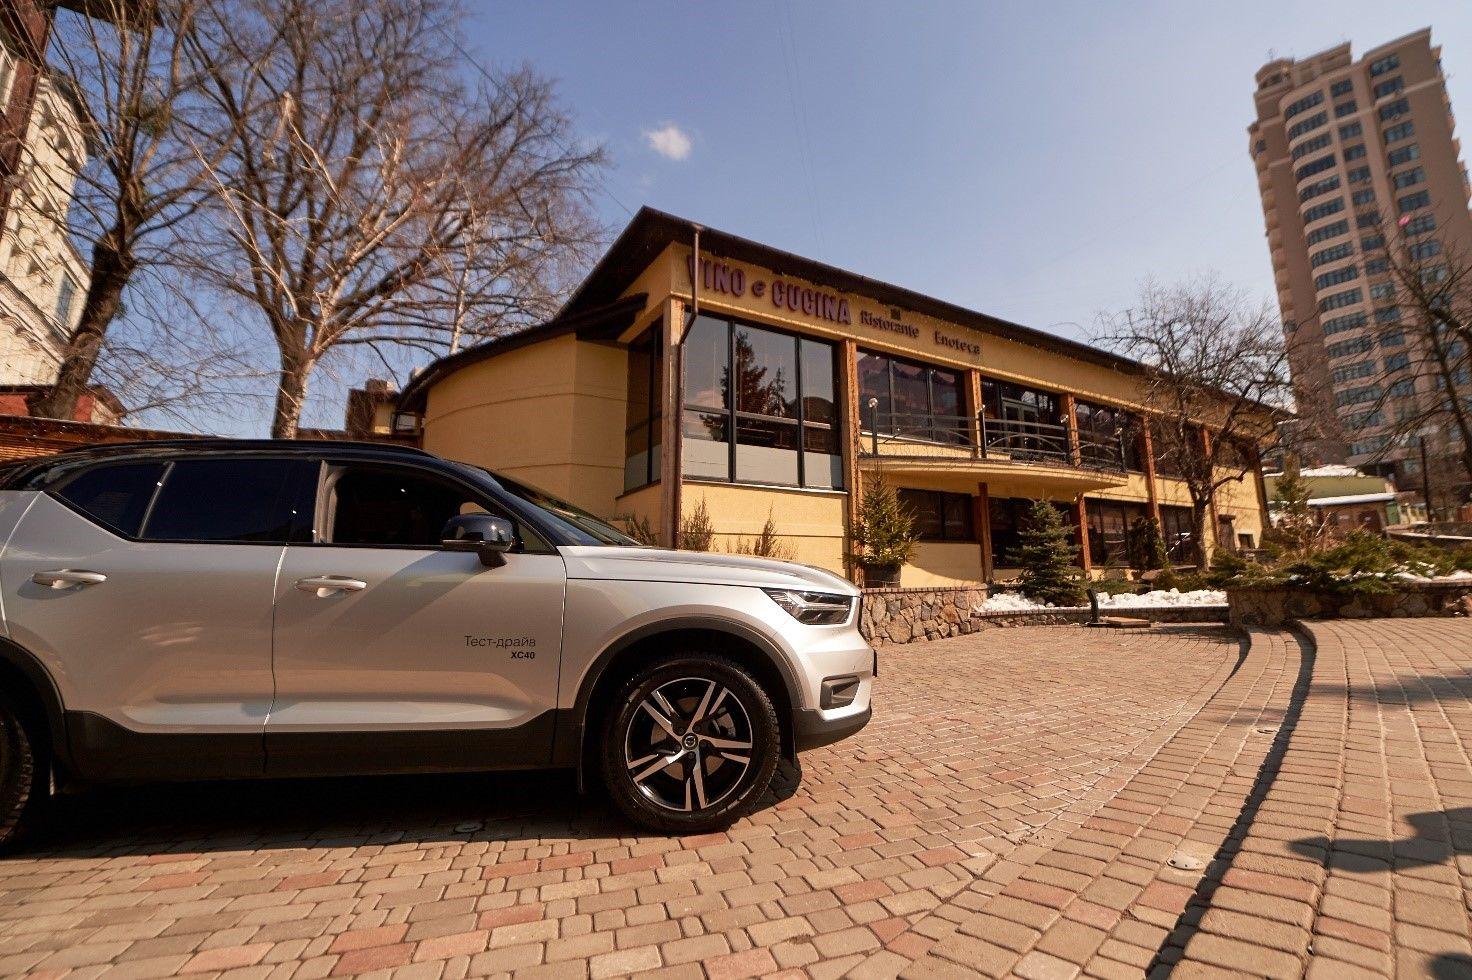 Віннер Автомотів Бранч Клуб: сімейні цінності разом з Volvo - офіційний представник Winner в Україні